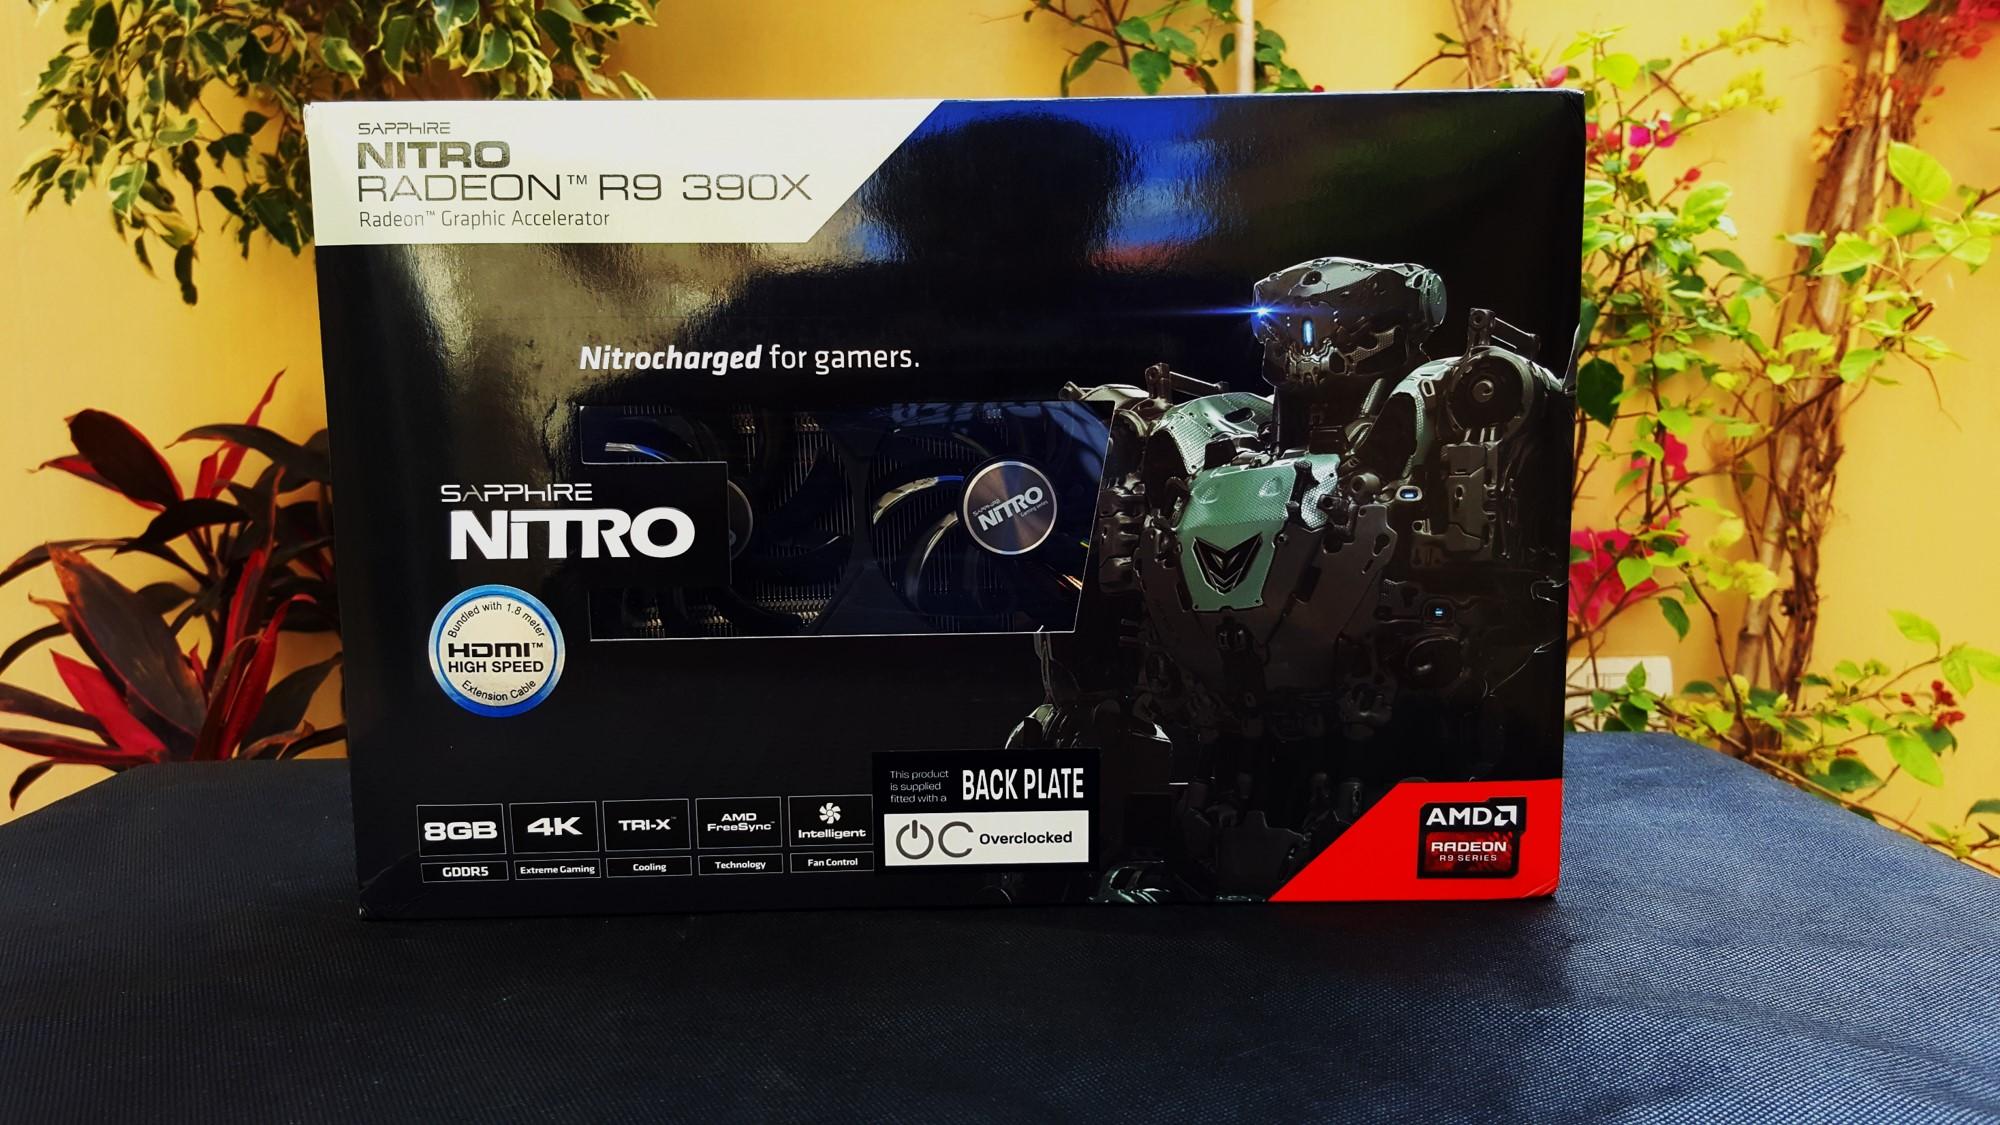 مراجعة البطاقة الرسومية Sapphire Nitro R9 390X 8GB - عرب هاردوير